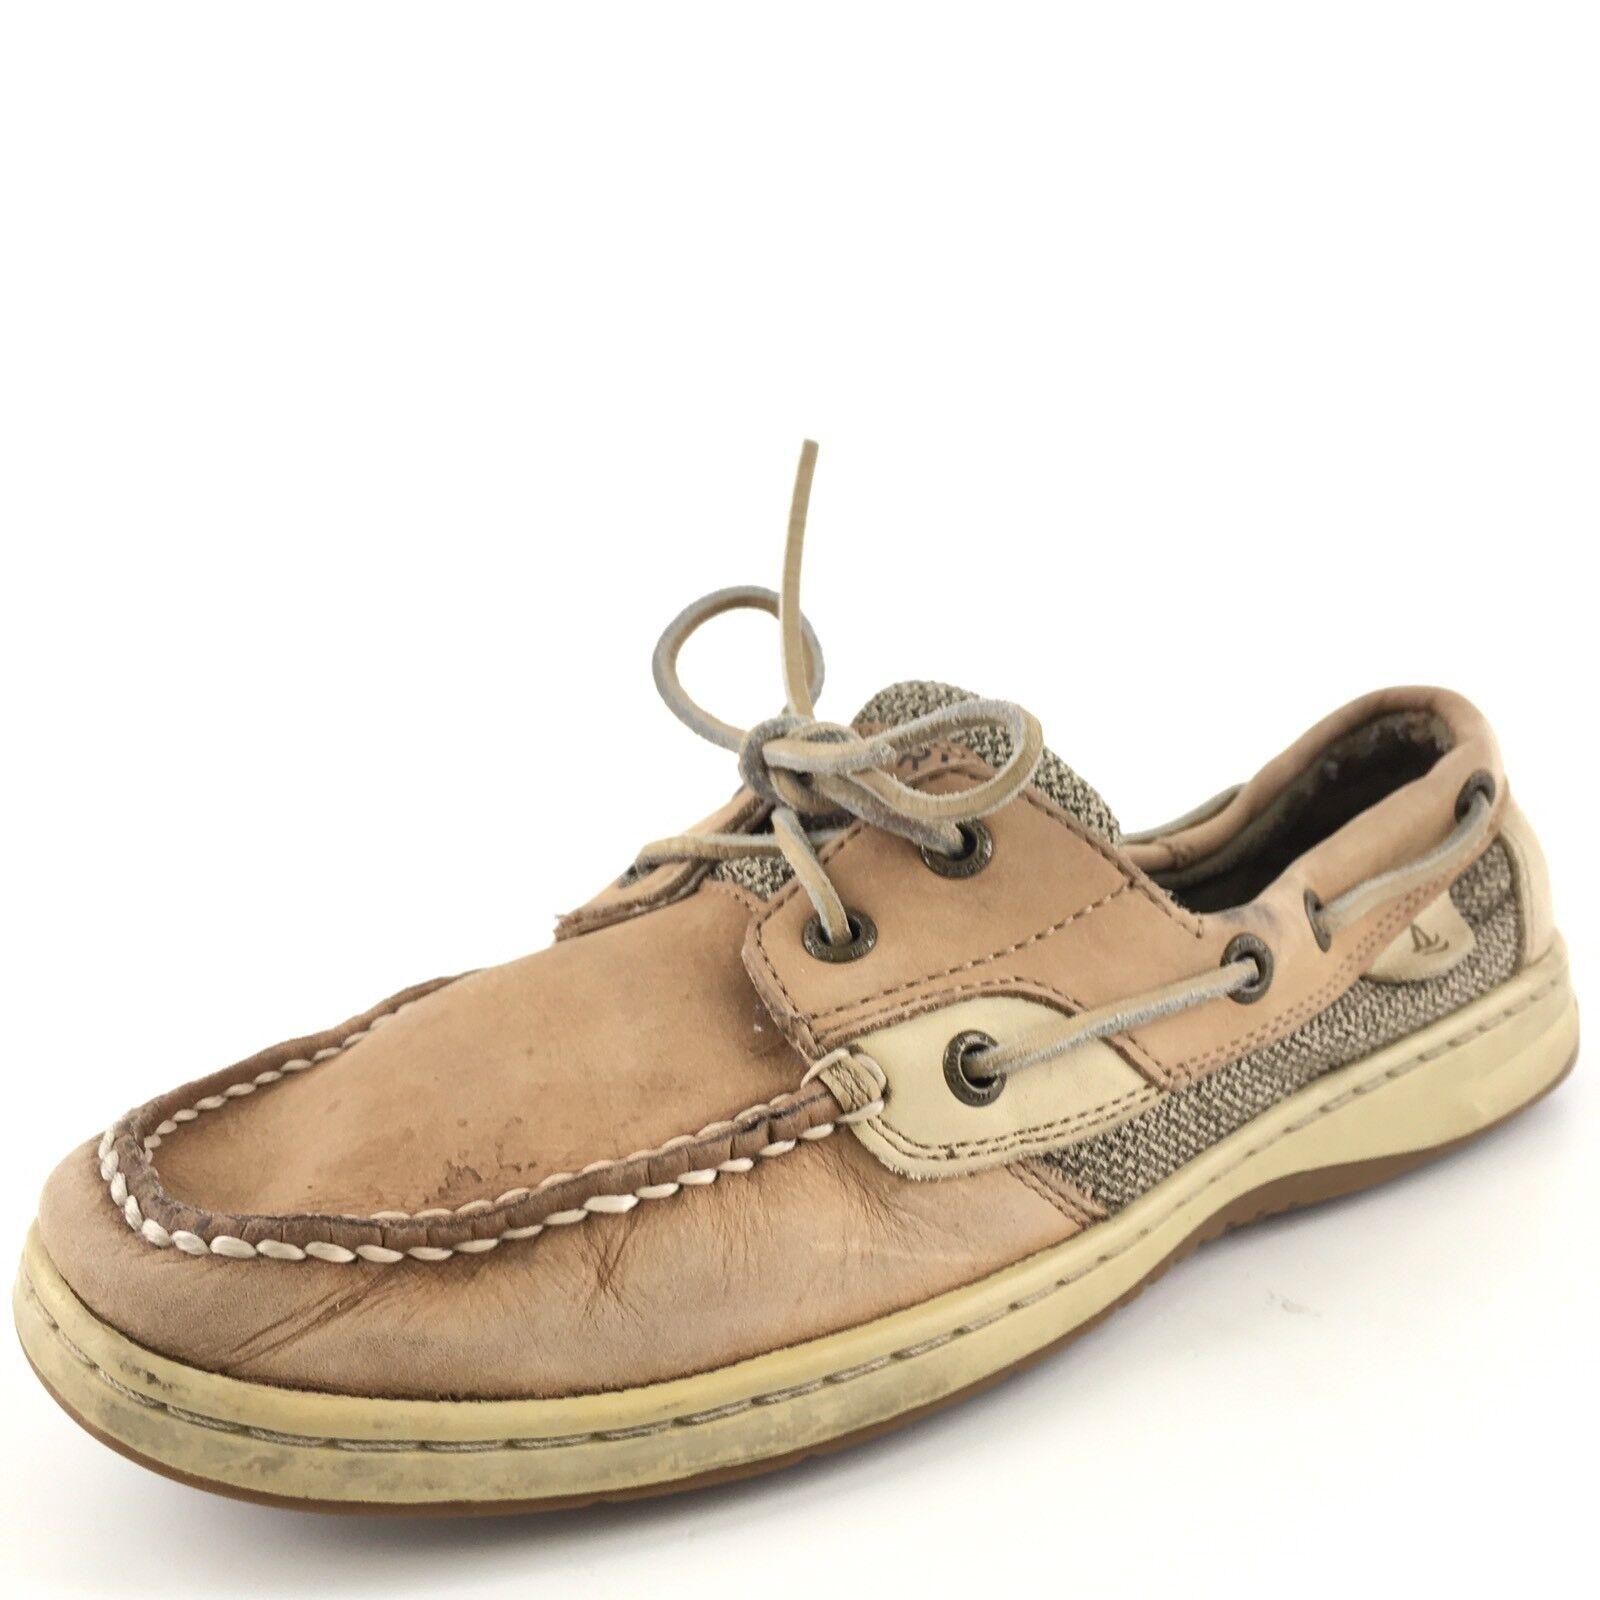 Sperry Top-Sider Sahara en Cuir marron Clair chaussures Bateau Femme Taille 9 M